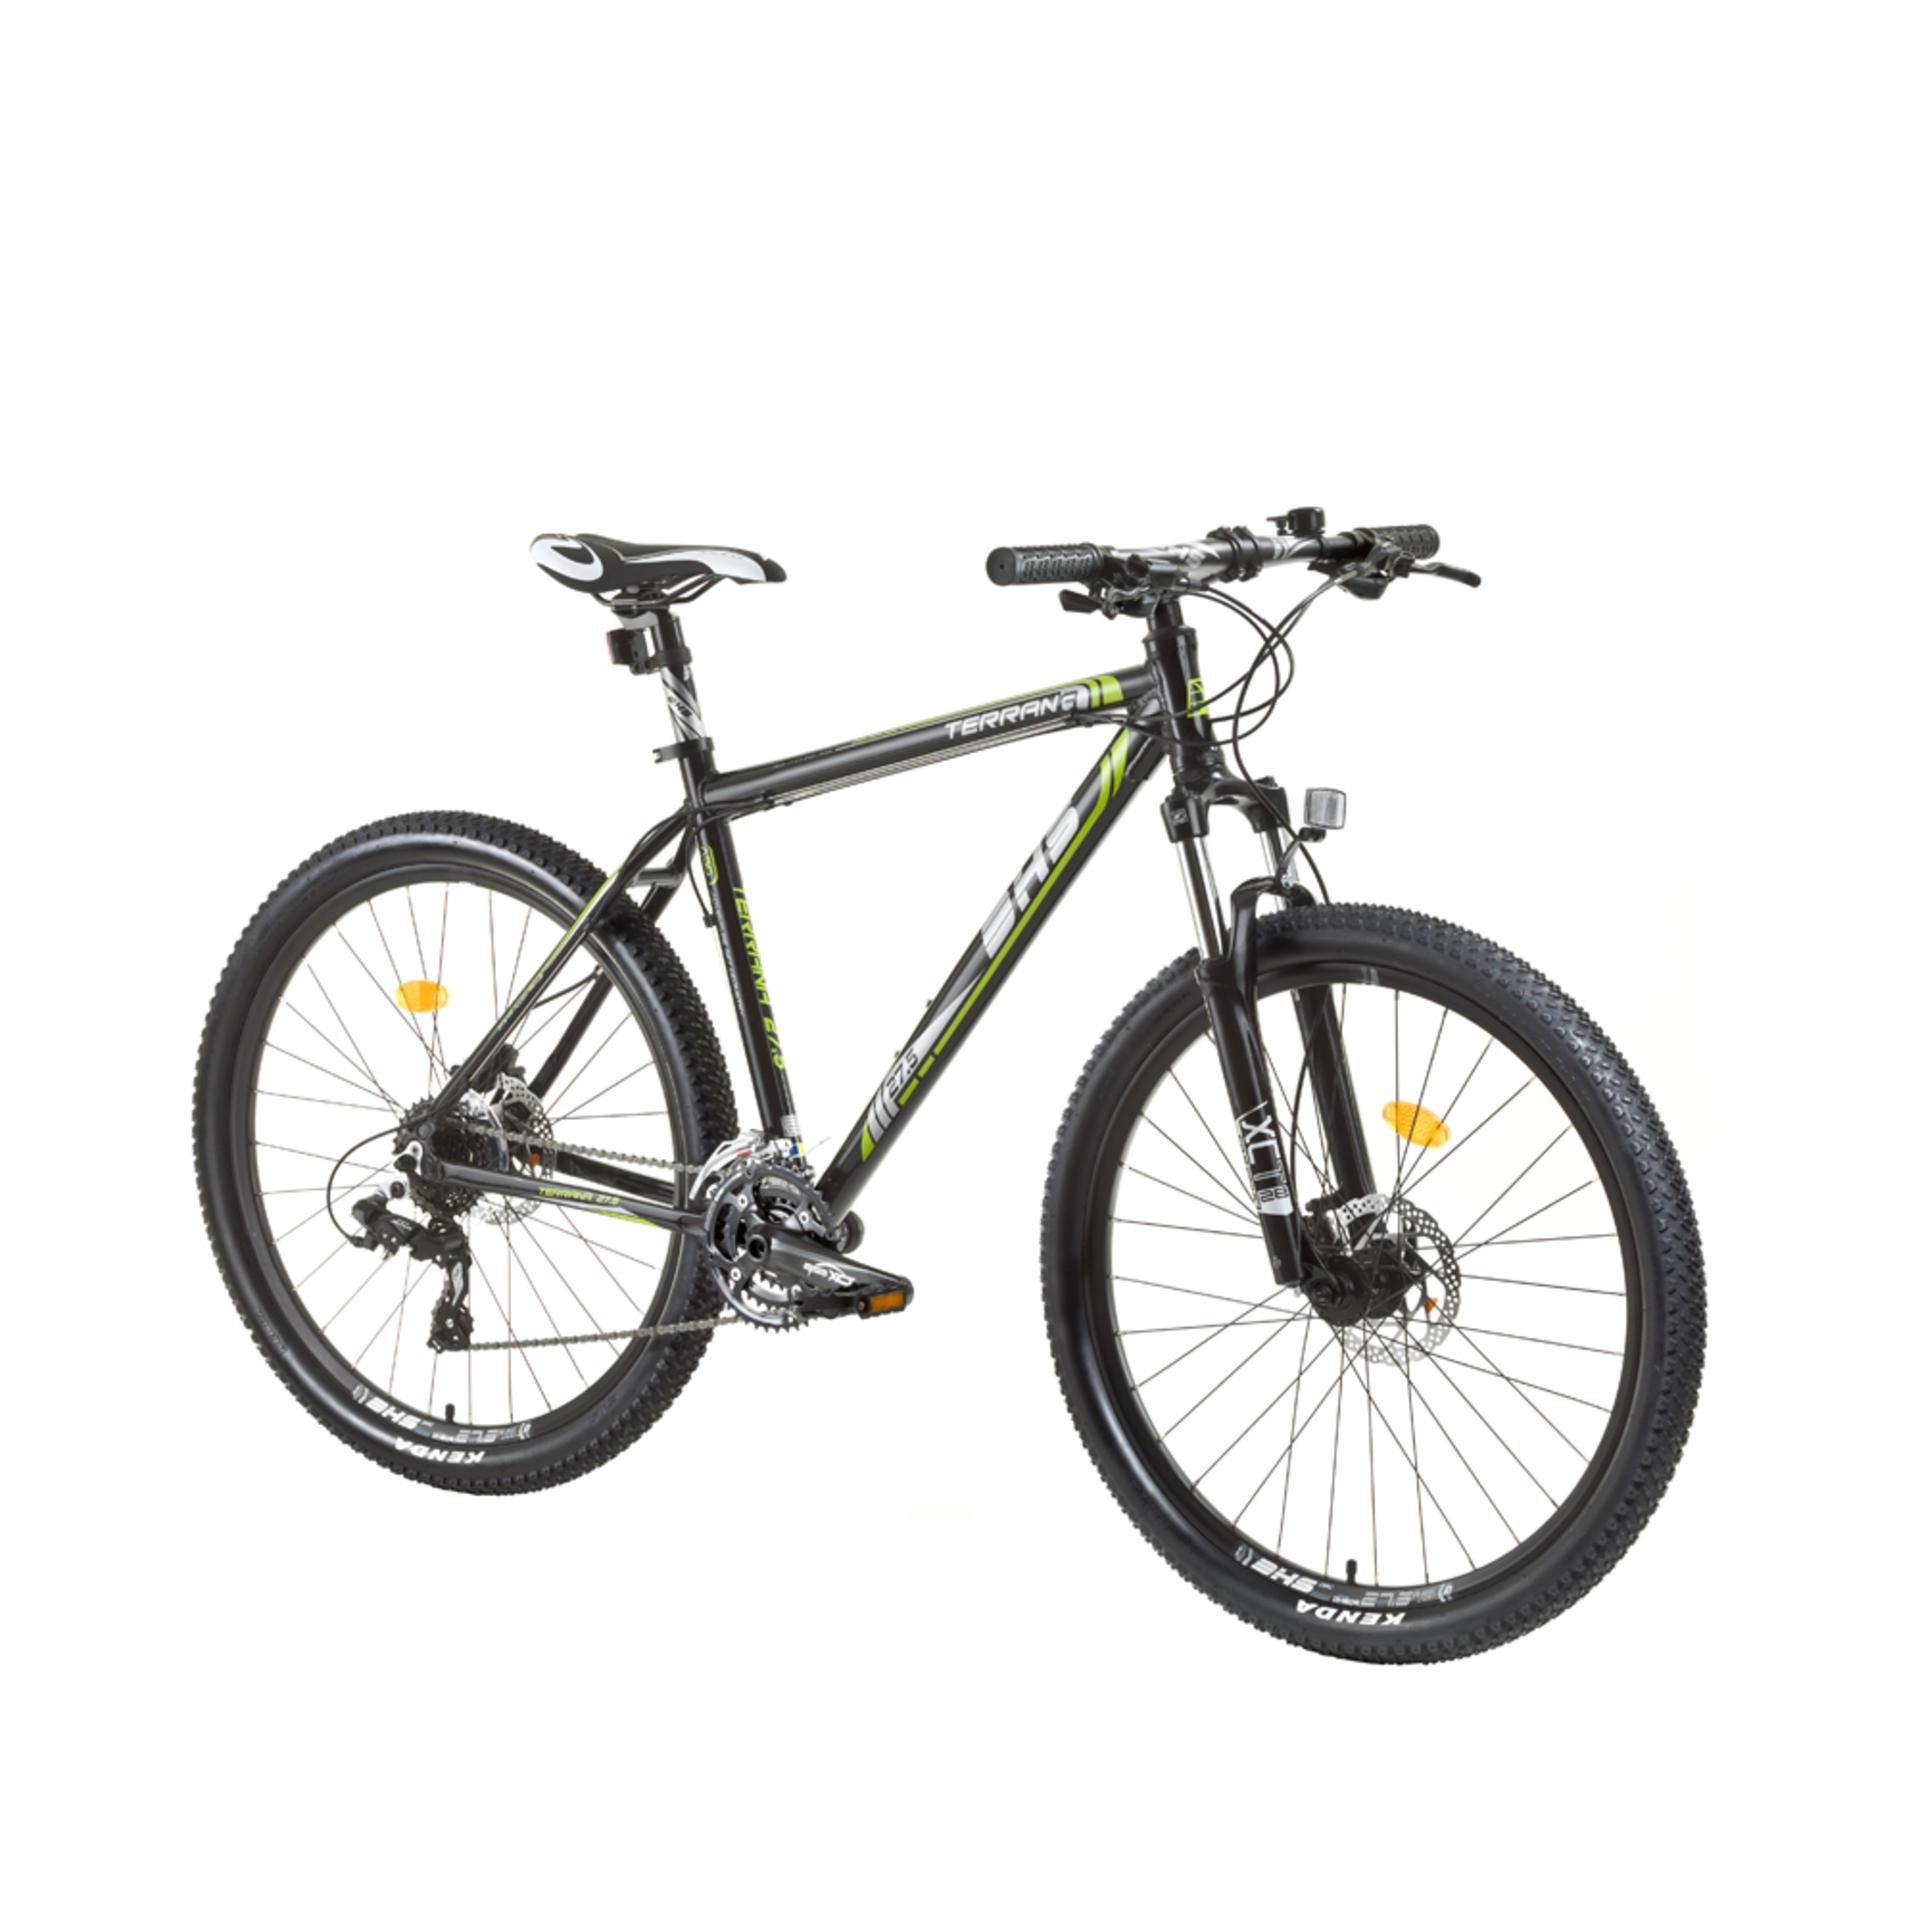 Mountain Bike Uomo Dhs 2727 Black Grey Blue 495mm